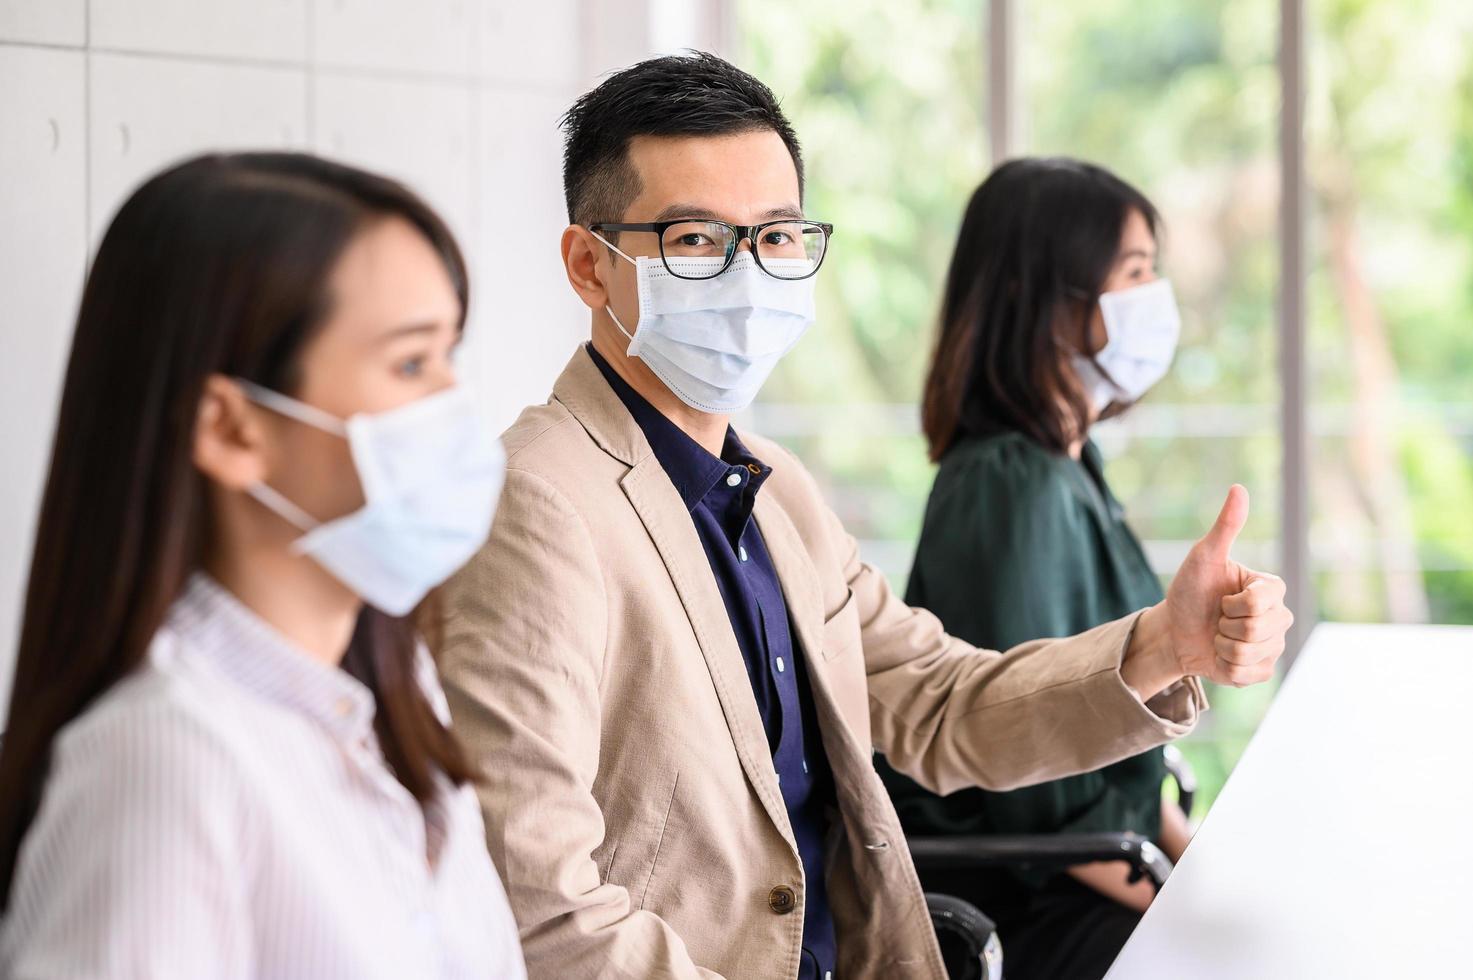 Reihe von Personen, die aus Sicherheitsgründen Gesichtsmasken tragen foto